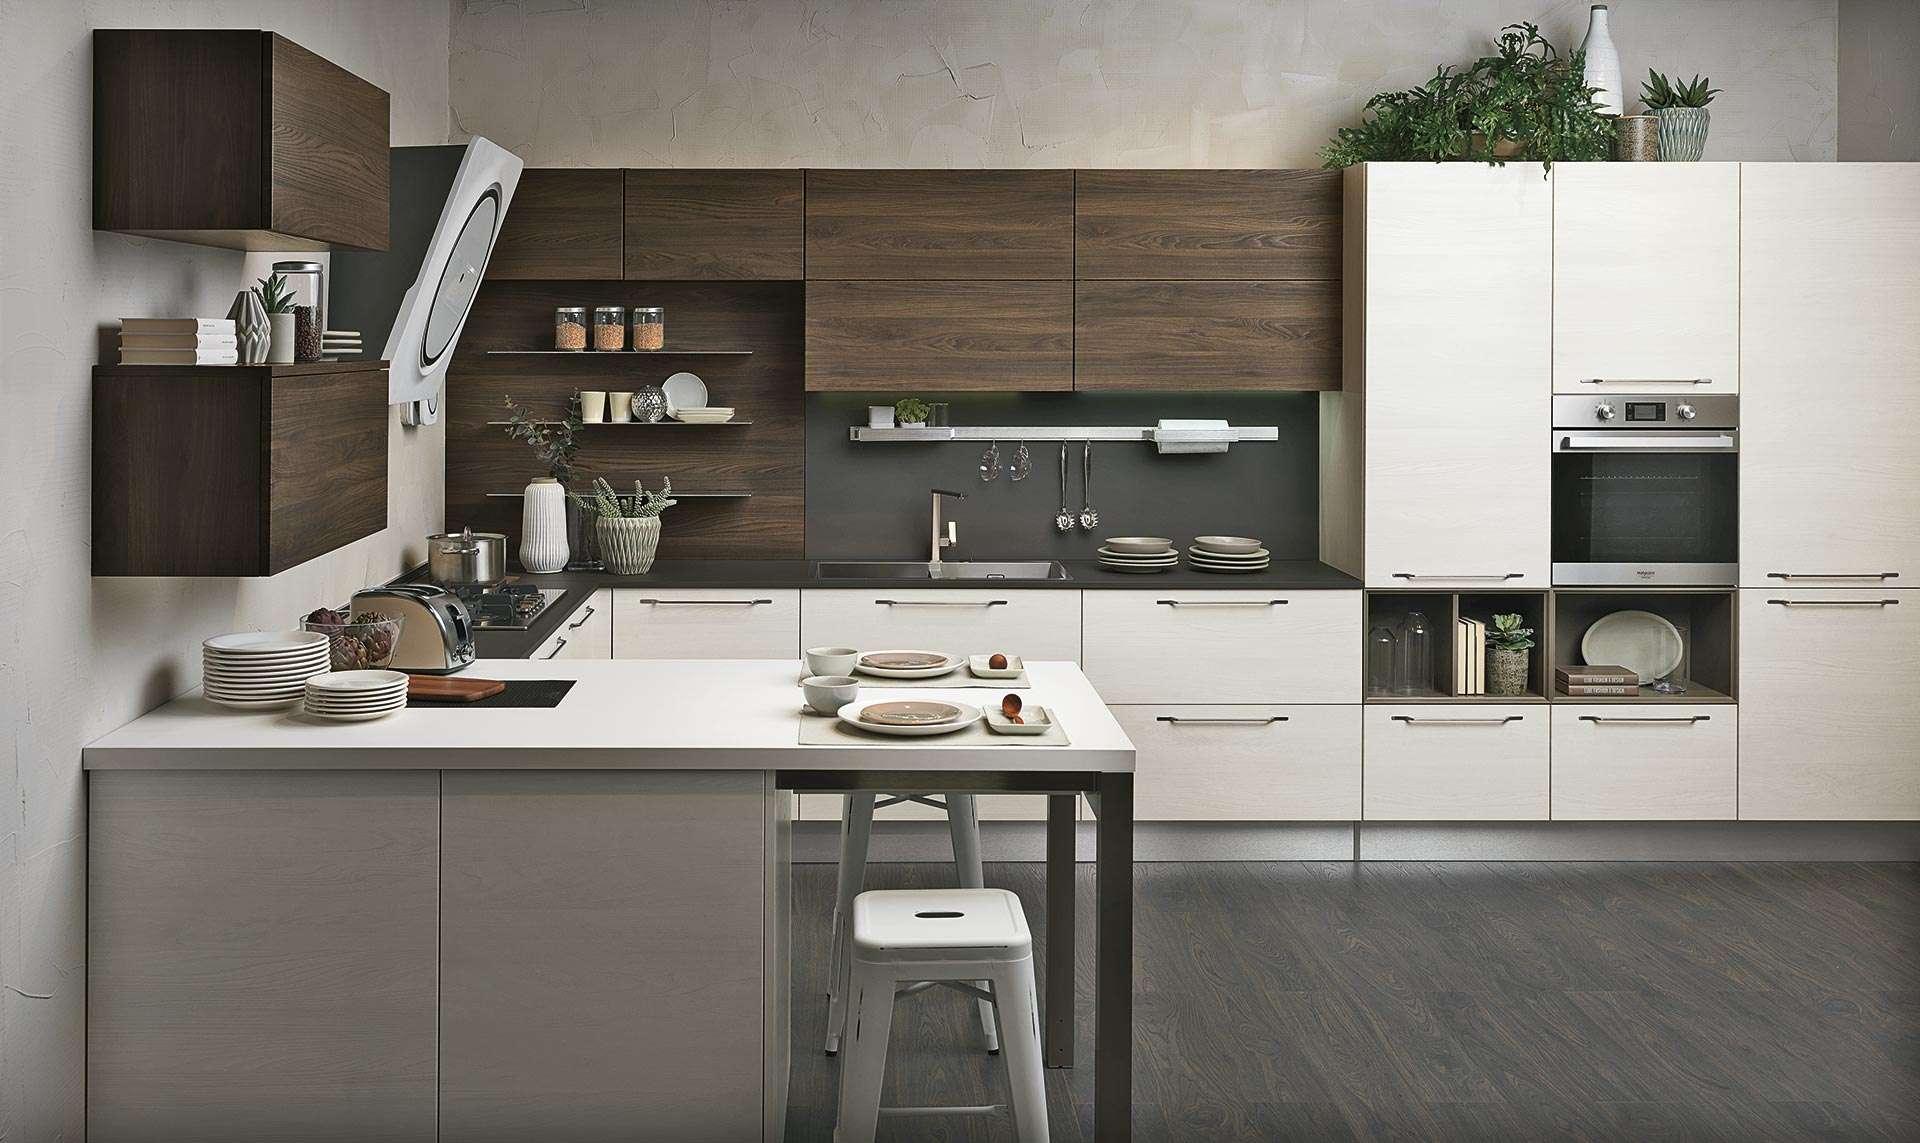 modifiche cucine il nuovo trend italiano dell 39 arredamento